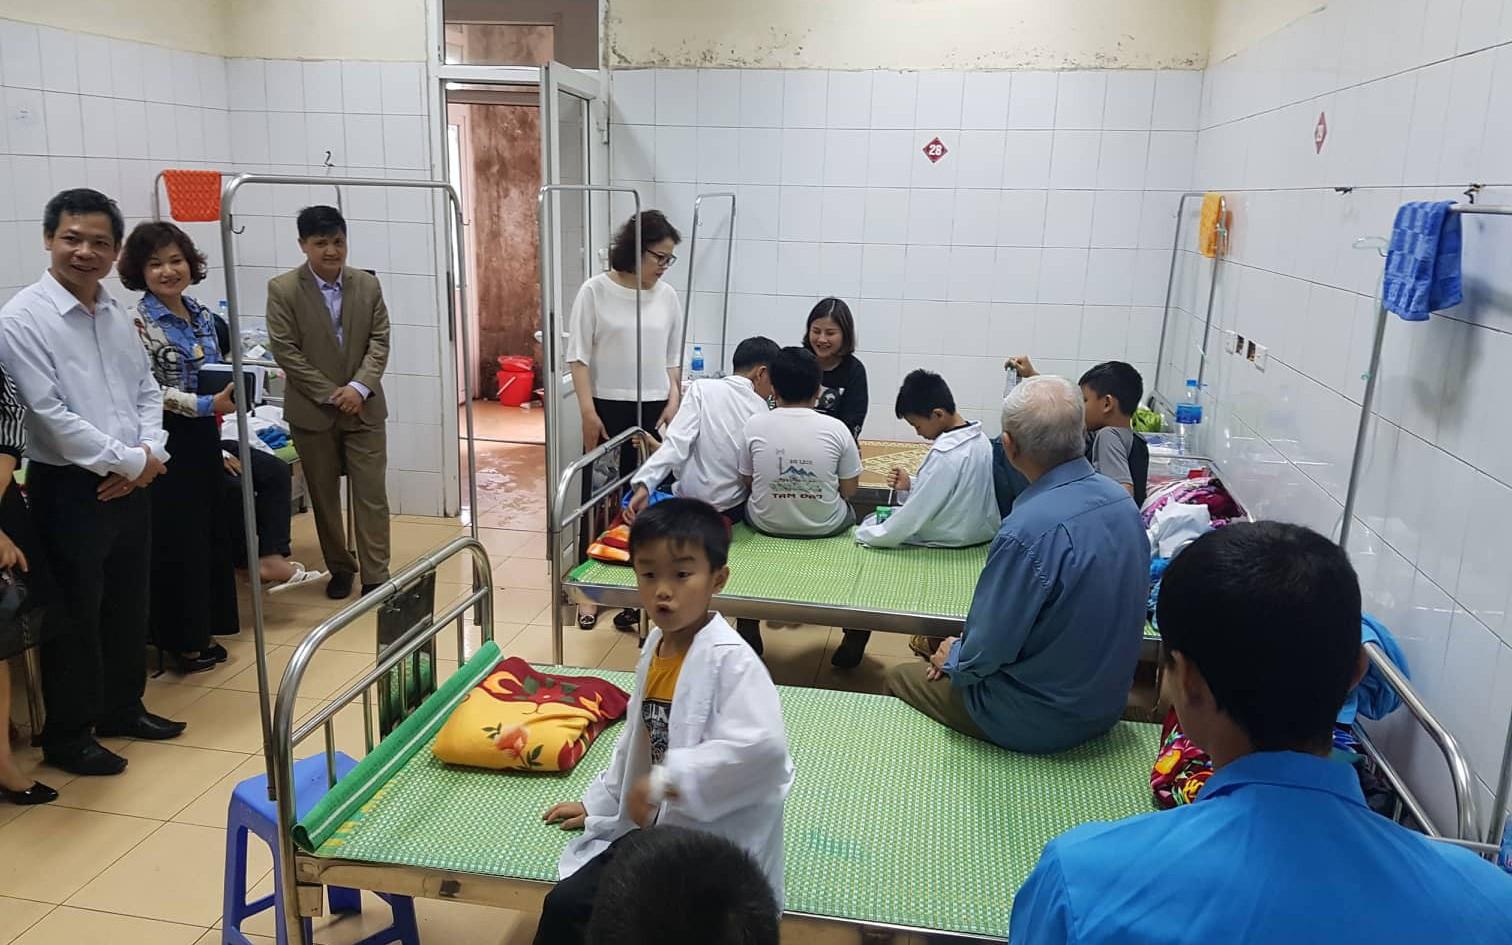 Vụ 44 học sinh ăn nhầm bột thông bồn cầu ở Hải Dương: 38 em đã đi học trở lại